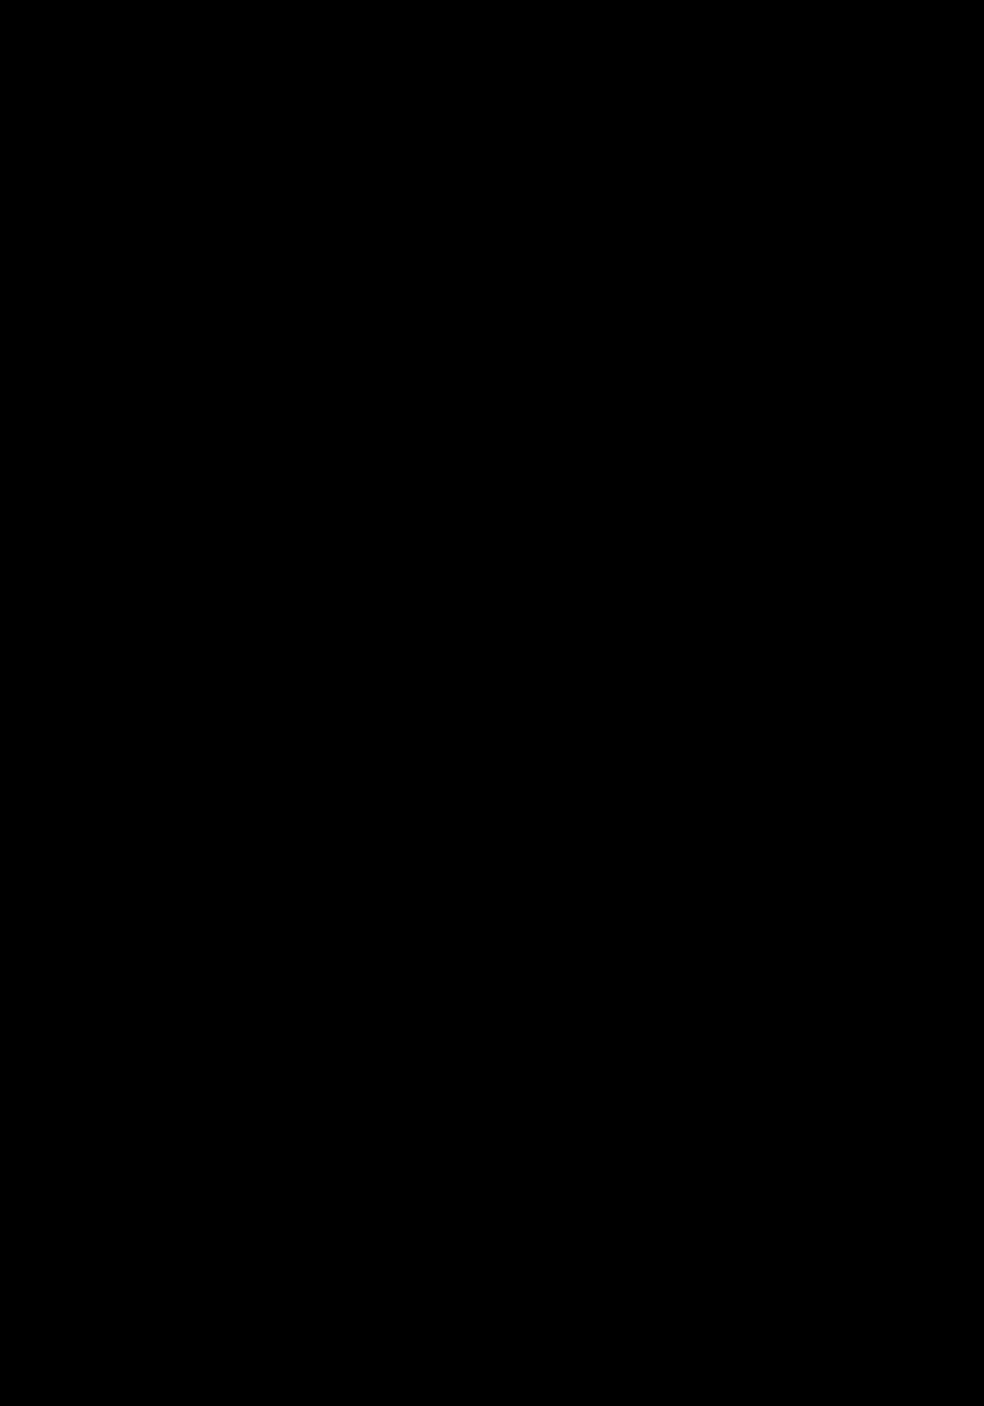 タイポス 66 TY66 縦組見本